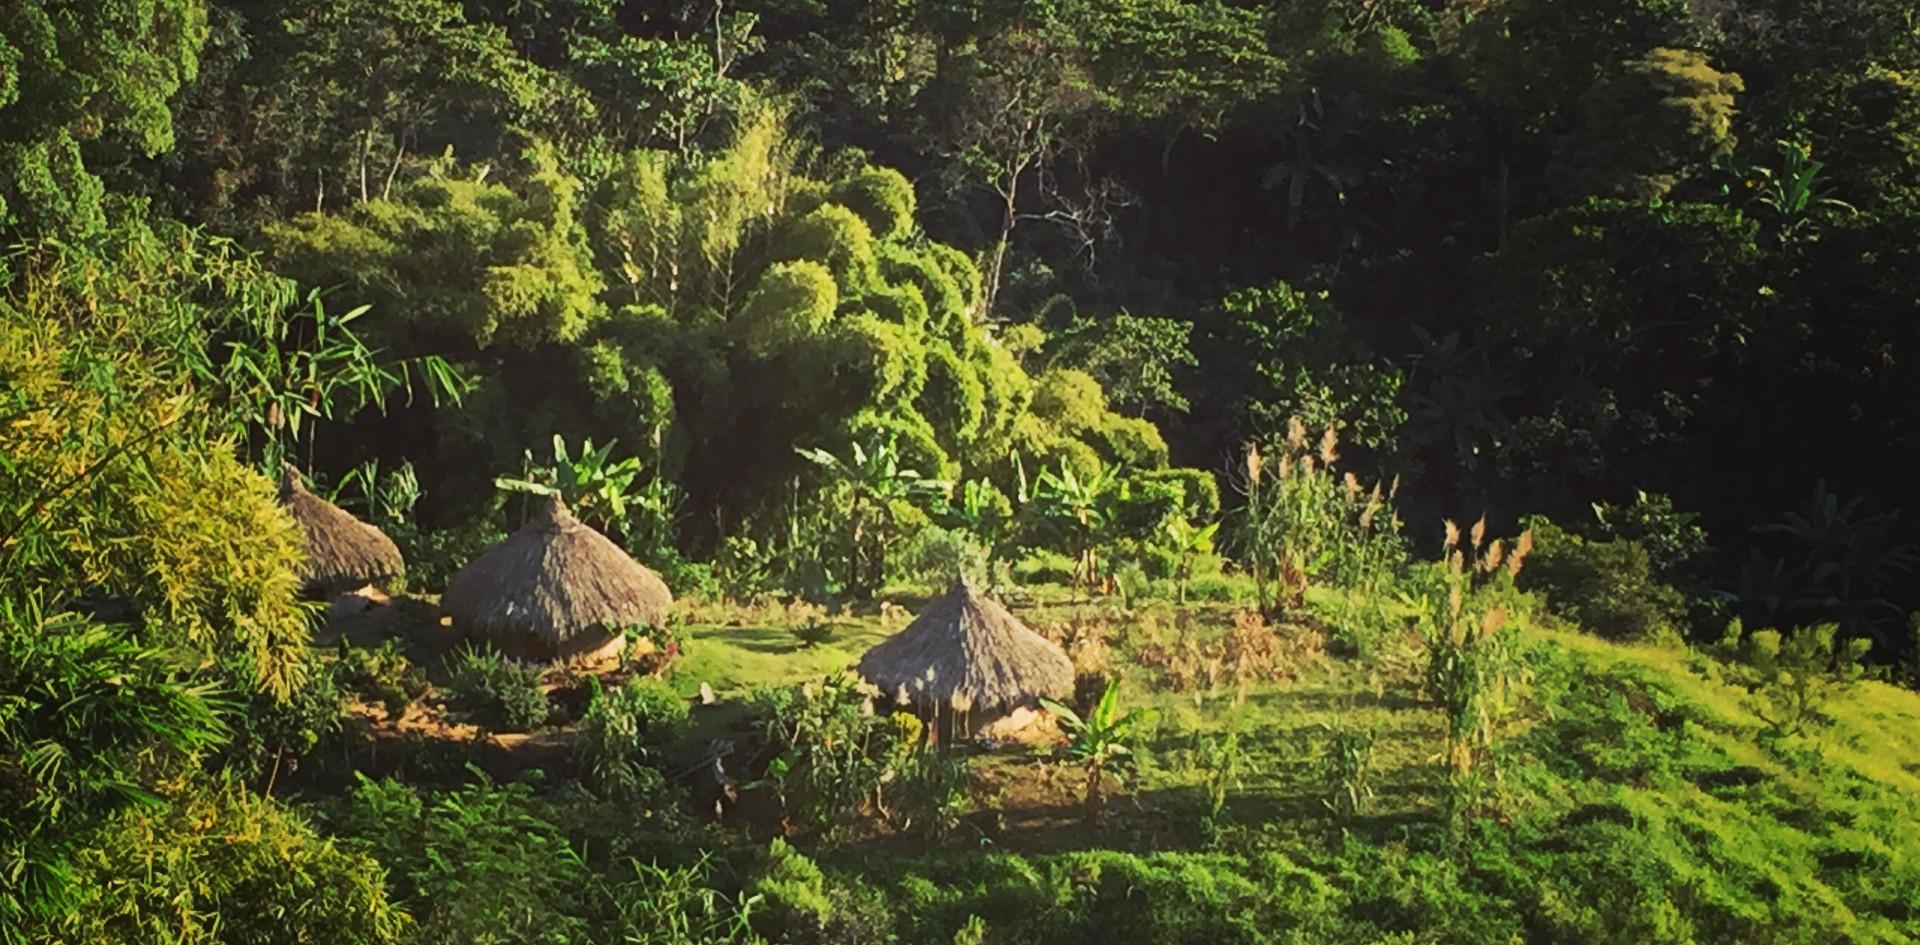 Wiwa Indians